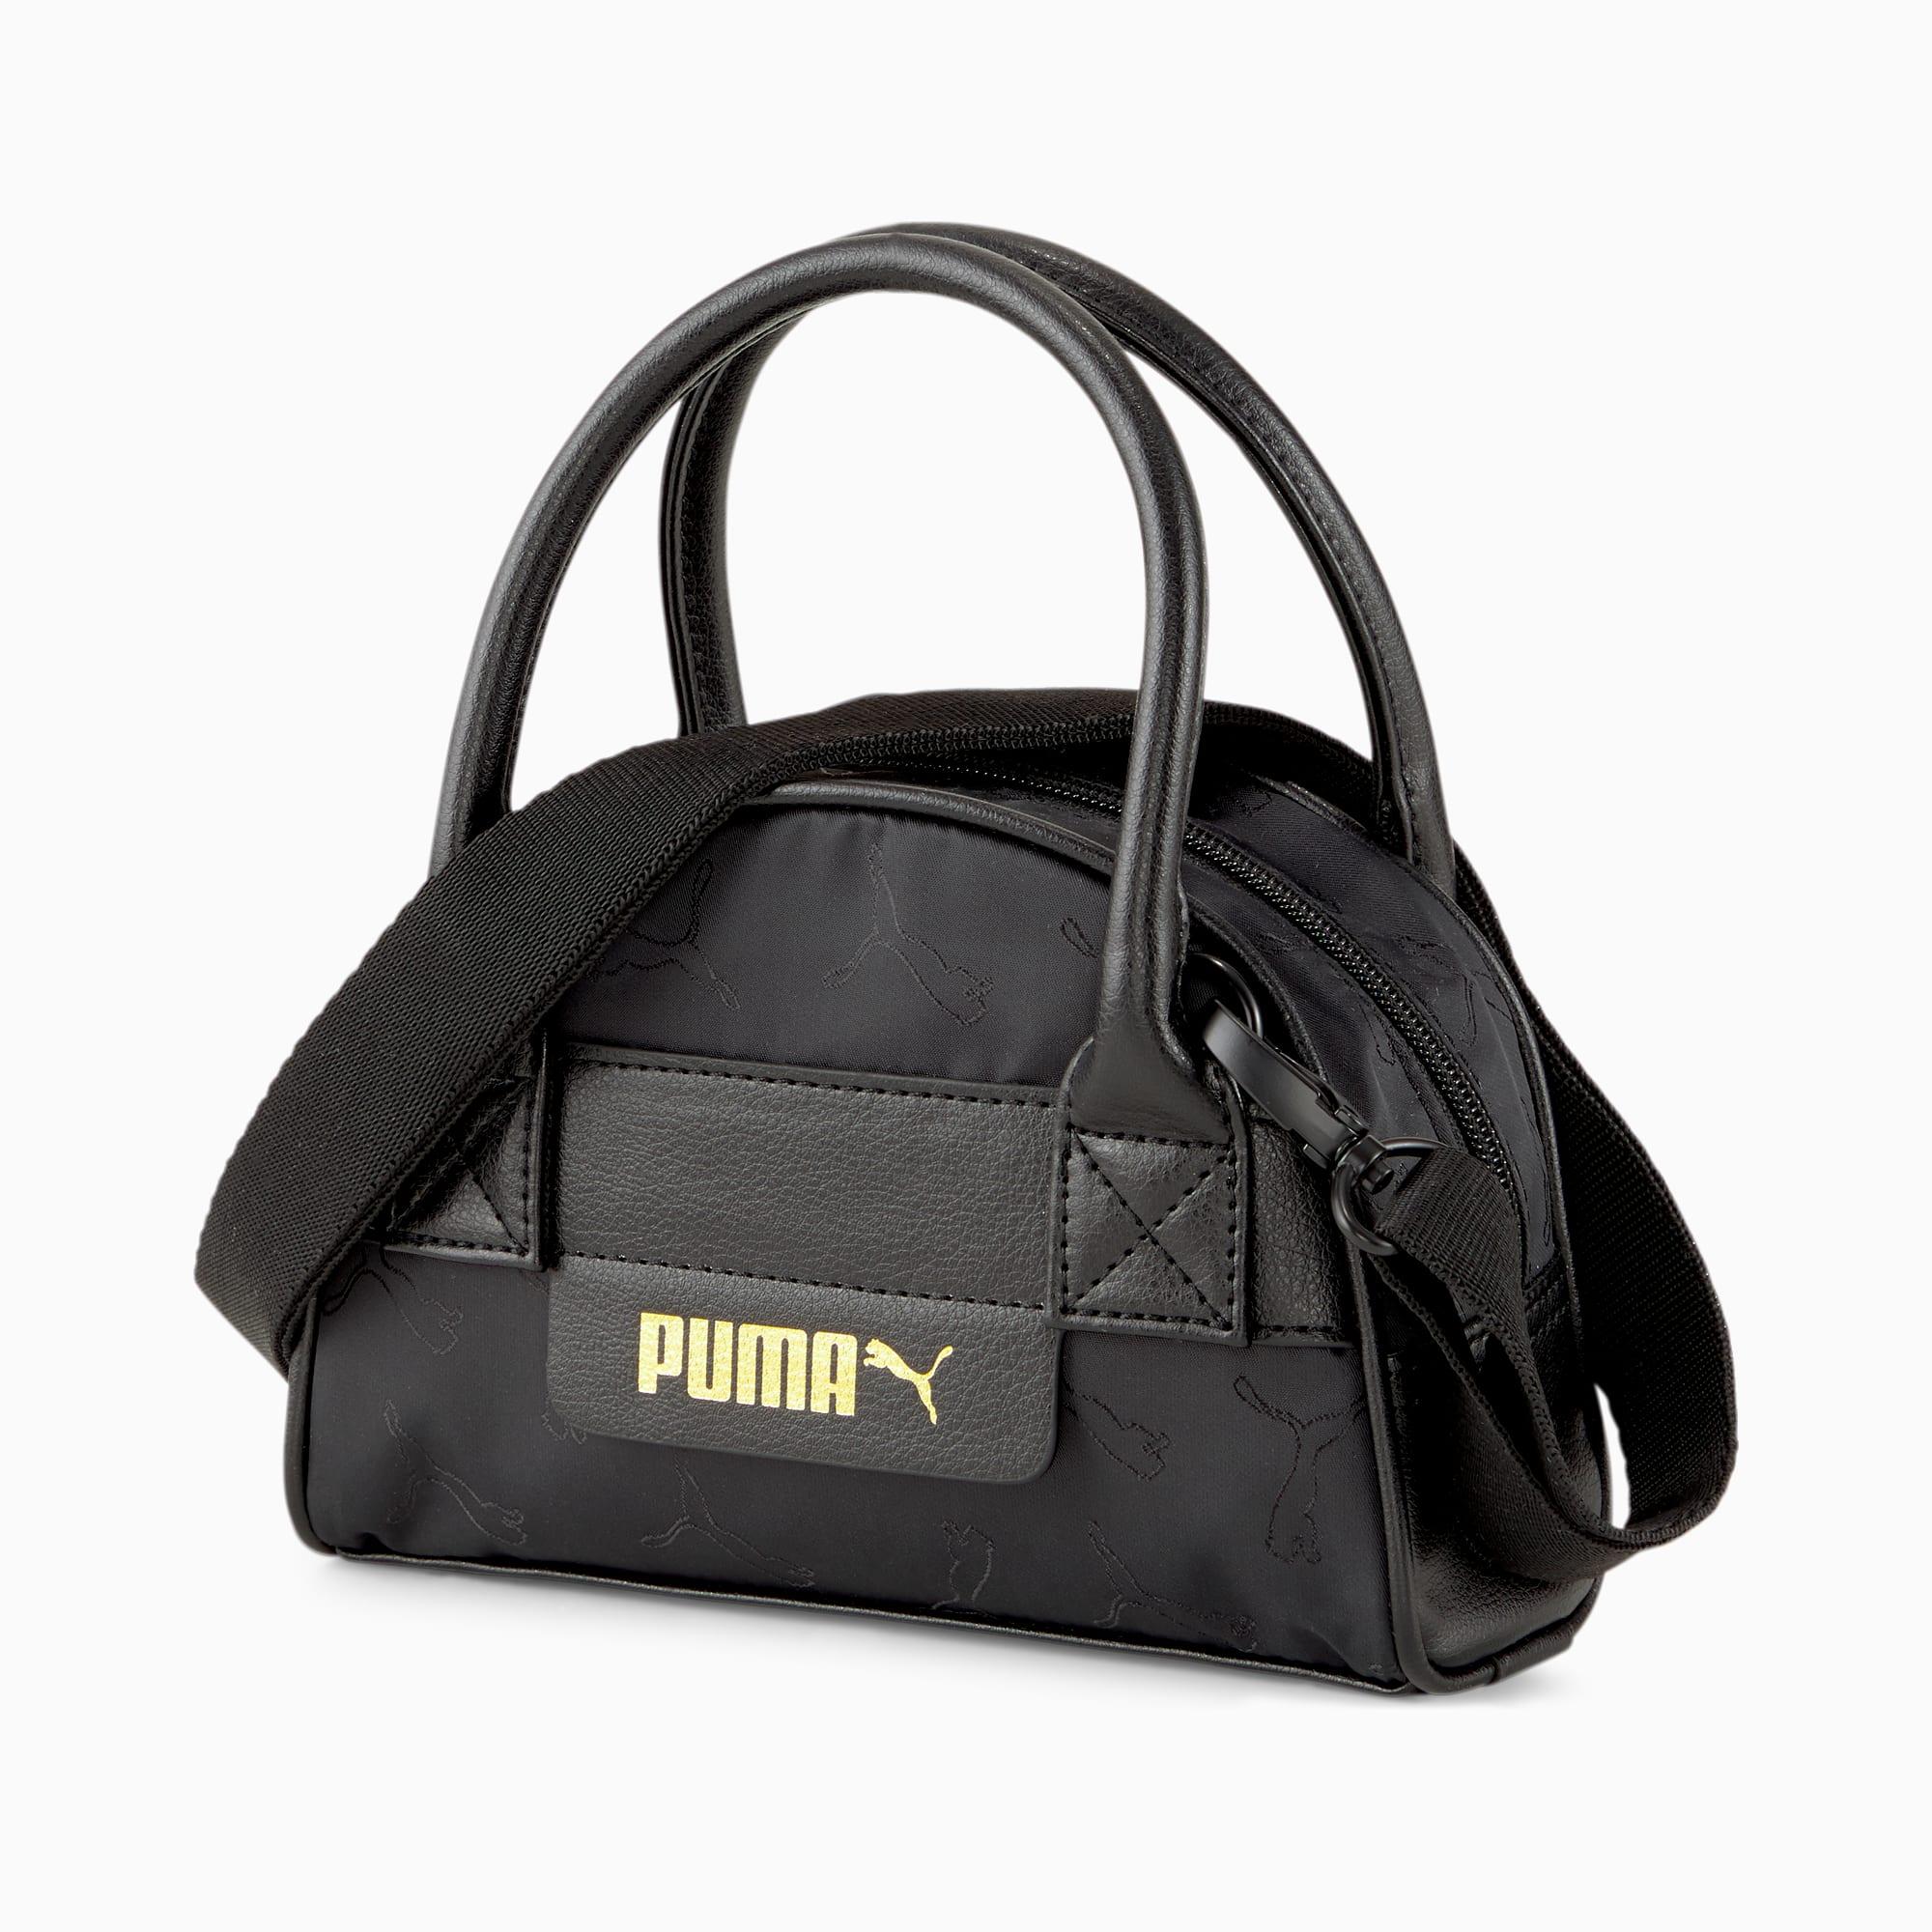 sac à main classics mini femme, noir, accessoires